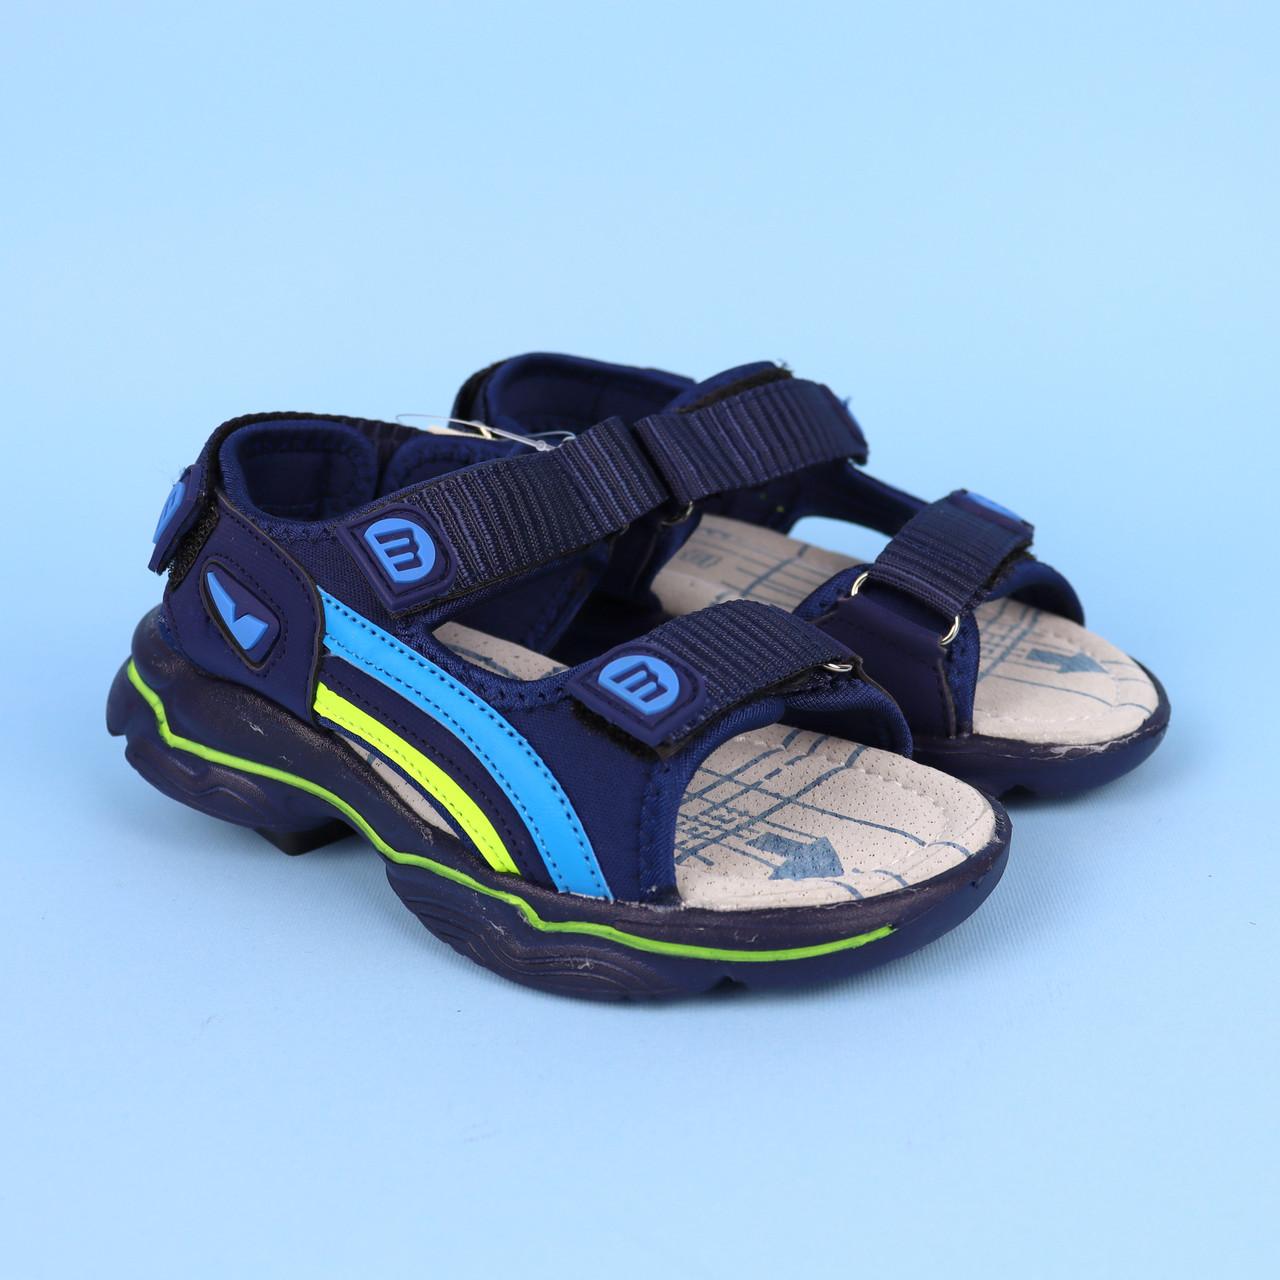 Спортивні сині босоніжки для хлопчика з вогниками тм Тому.м розмір 21,22,23,24,25,26